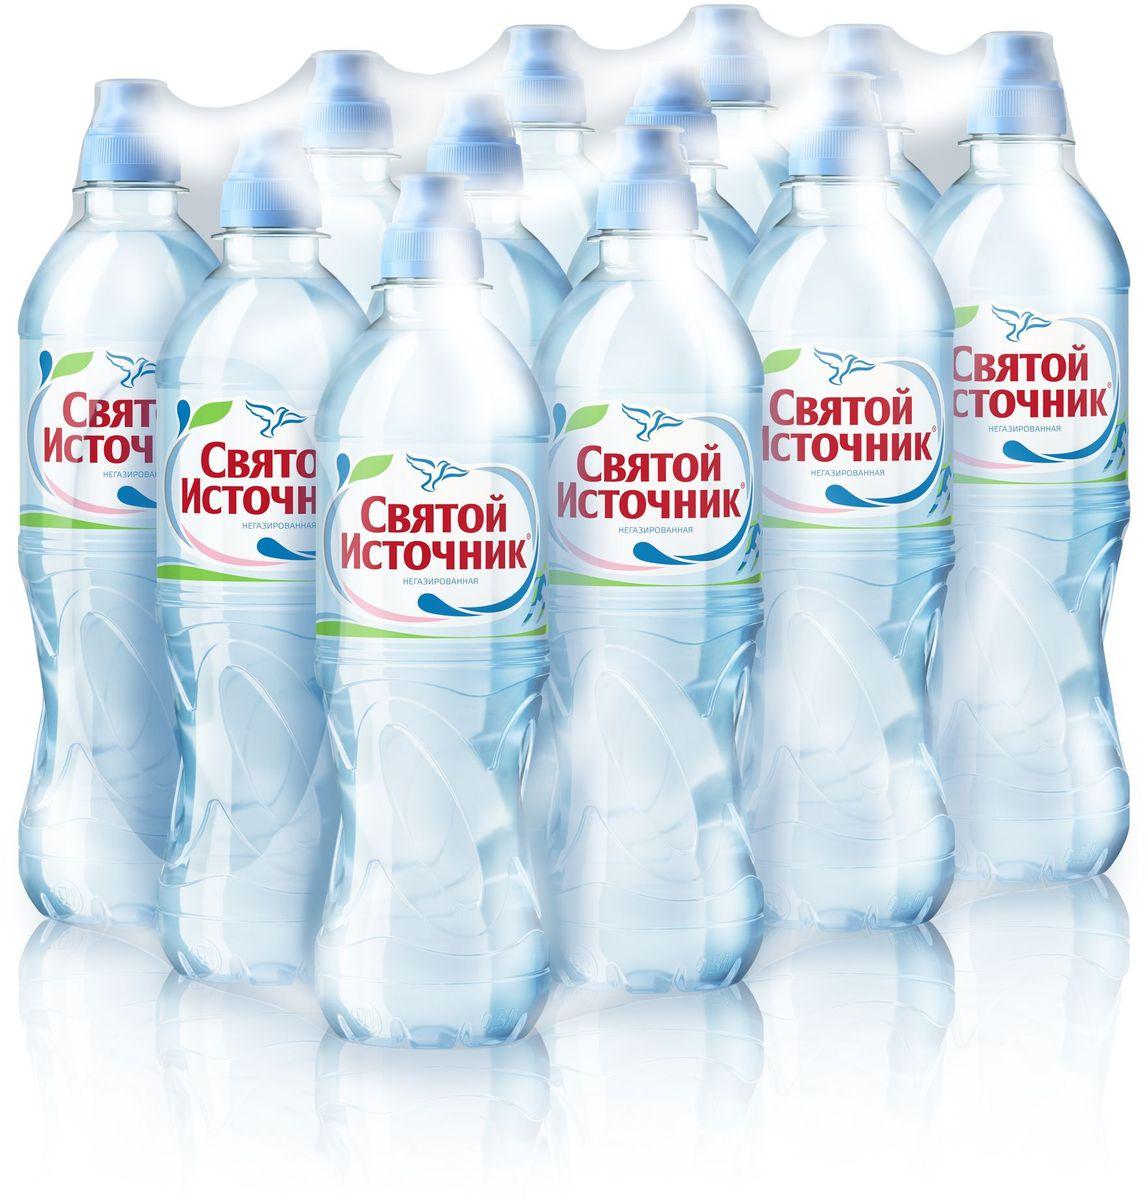 СвятойИсточник вода Спортприродная питьевая негазированная, 12 шт по 0,5 л вода святой источник без газа 1 5 л 6шт